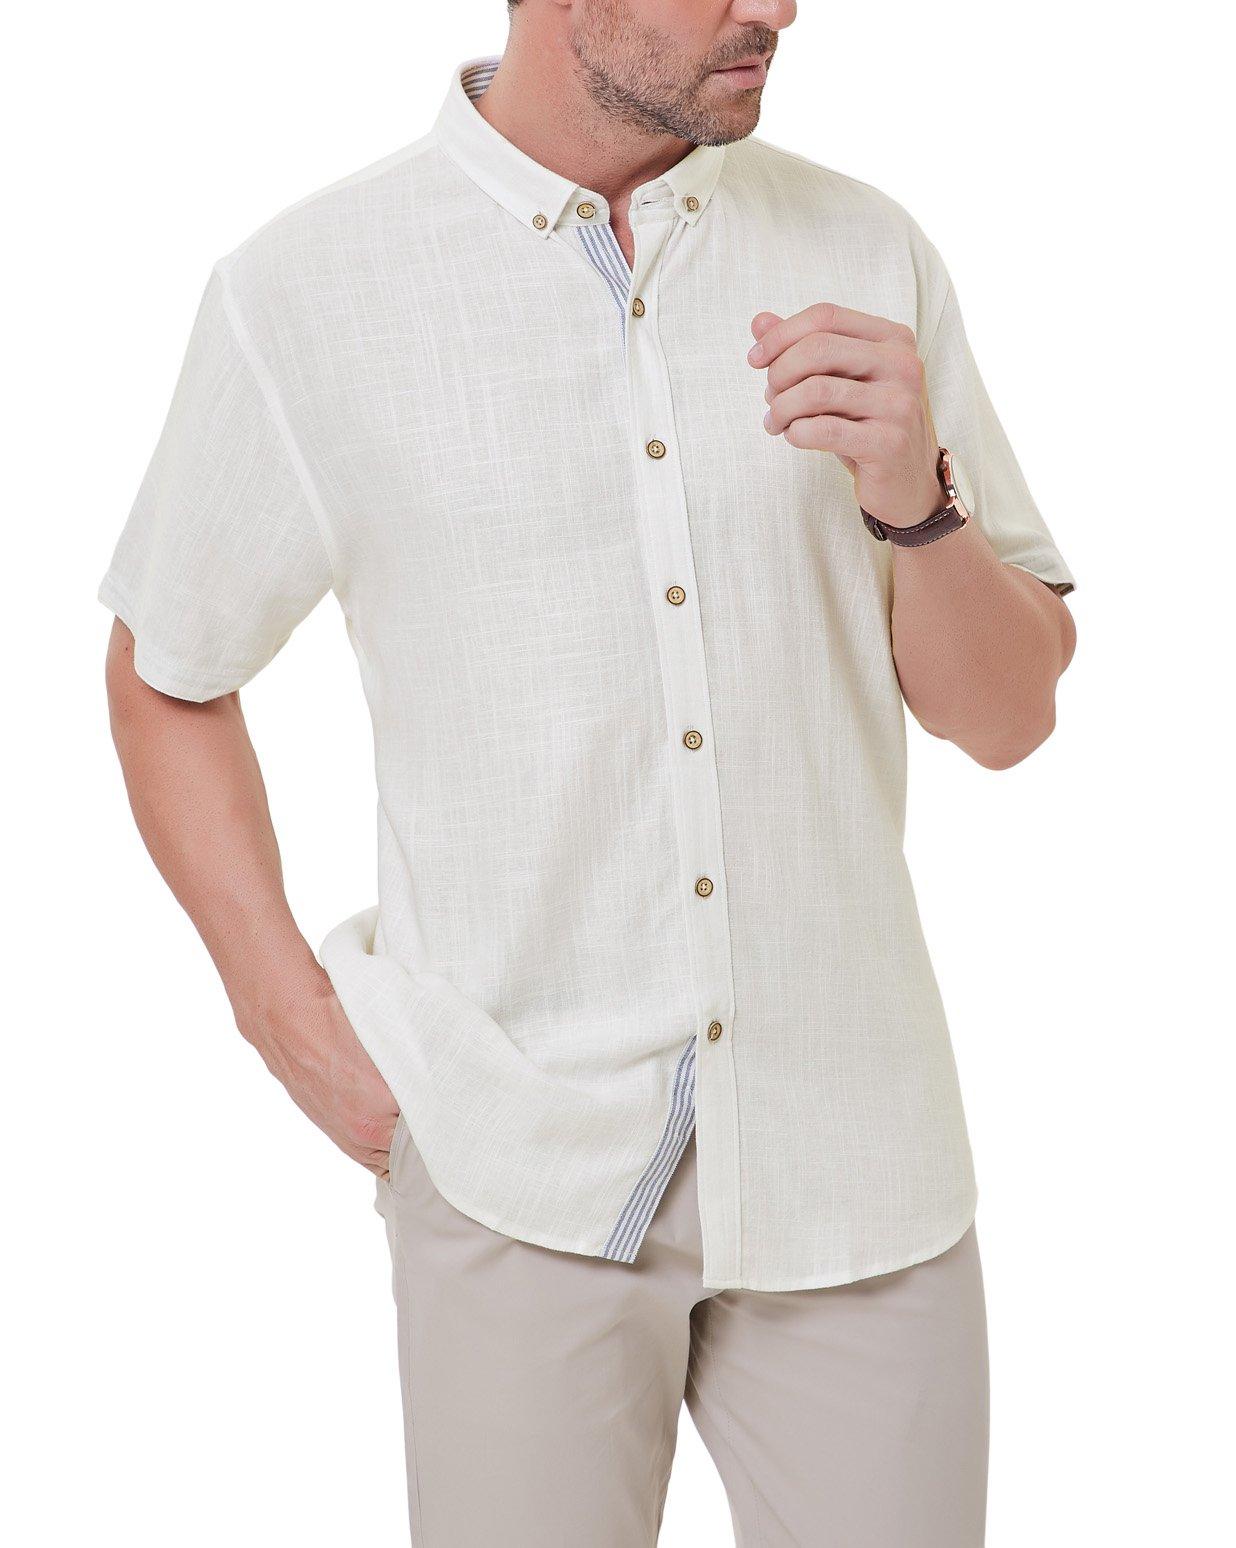 PAUL JONES Men's Short Sleeve Button Down Casual Shirt Soft Linen Shirts